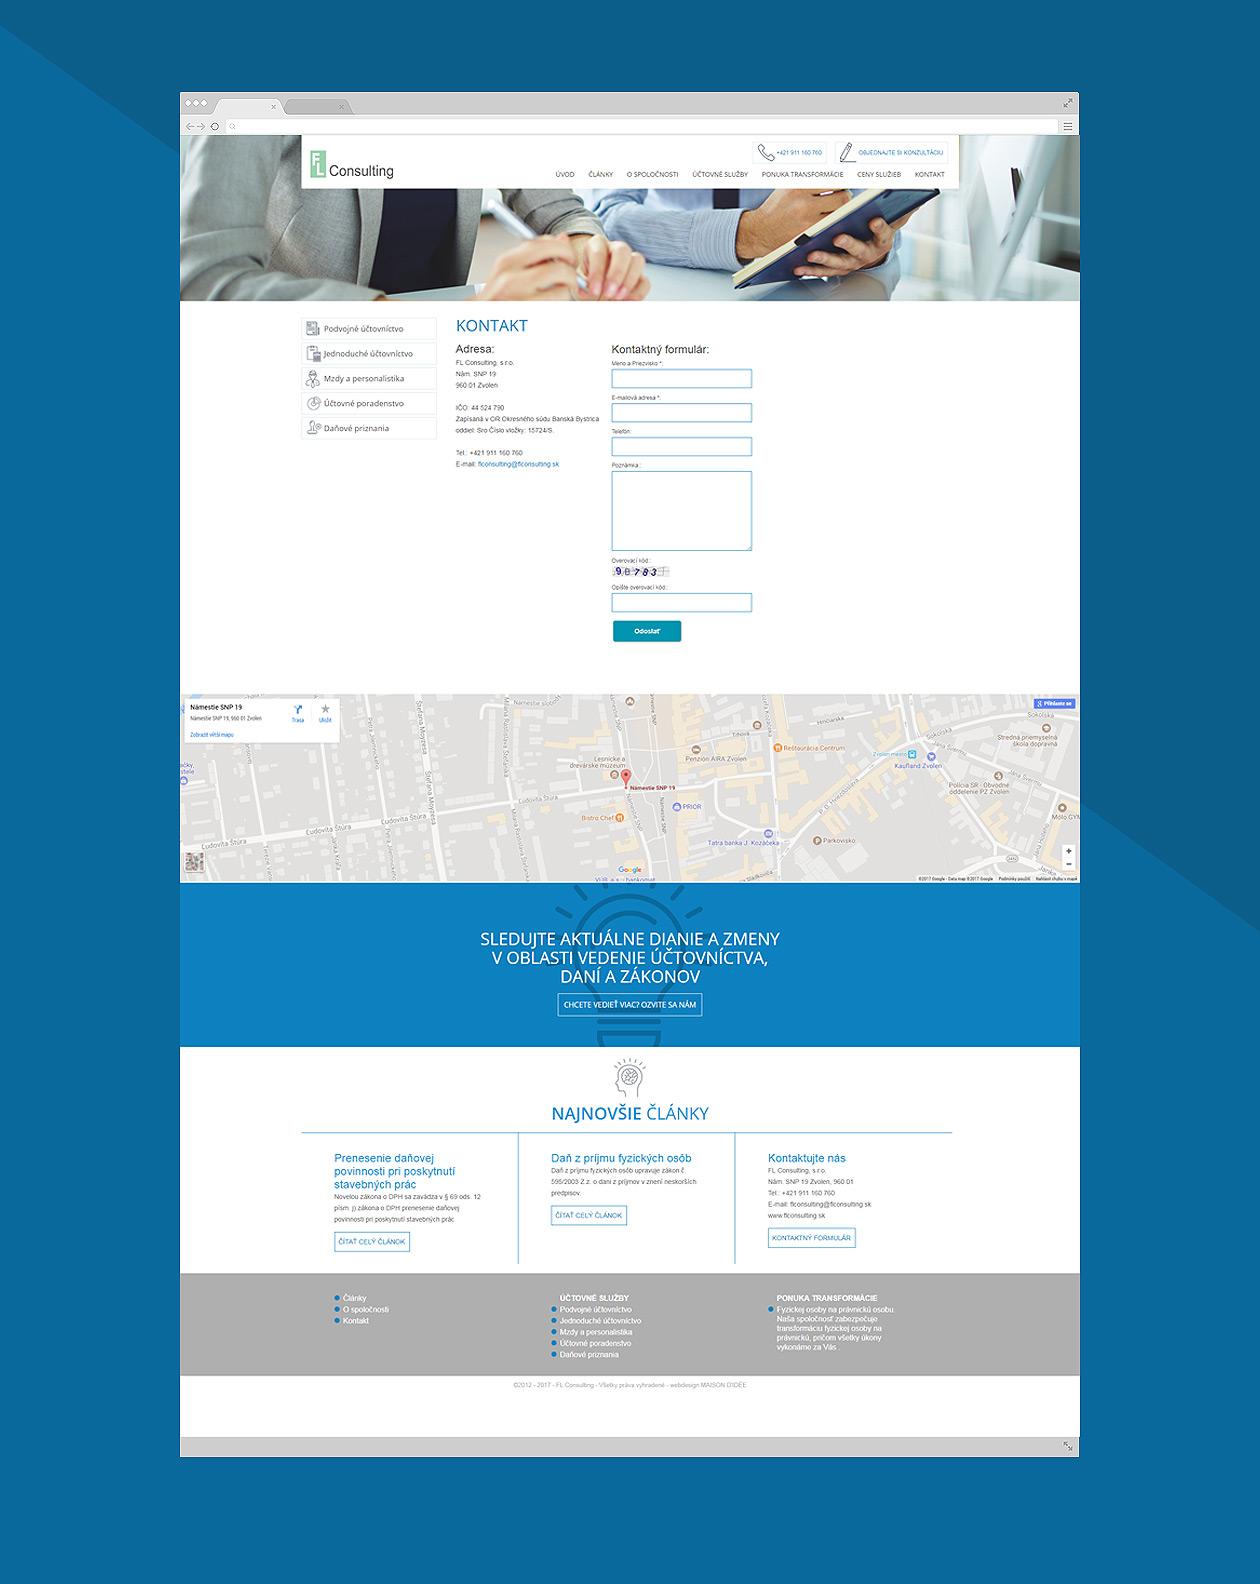 webdesign Flconsulting MAISON D'IDÉE